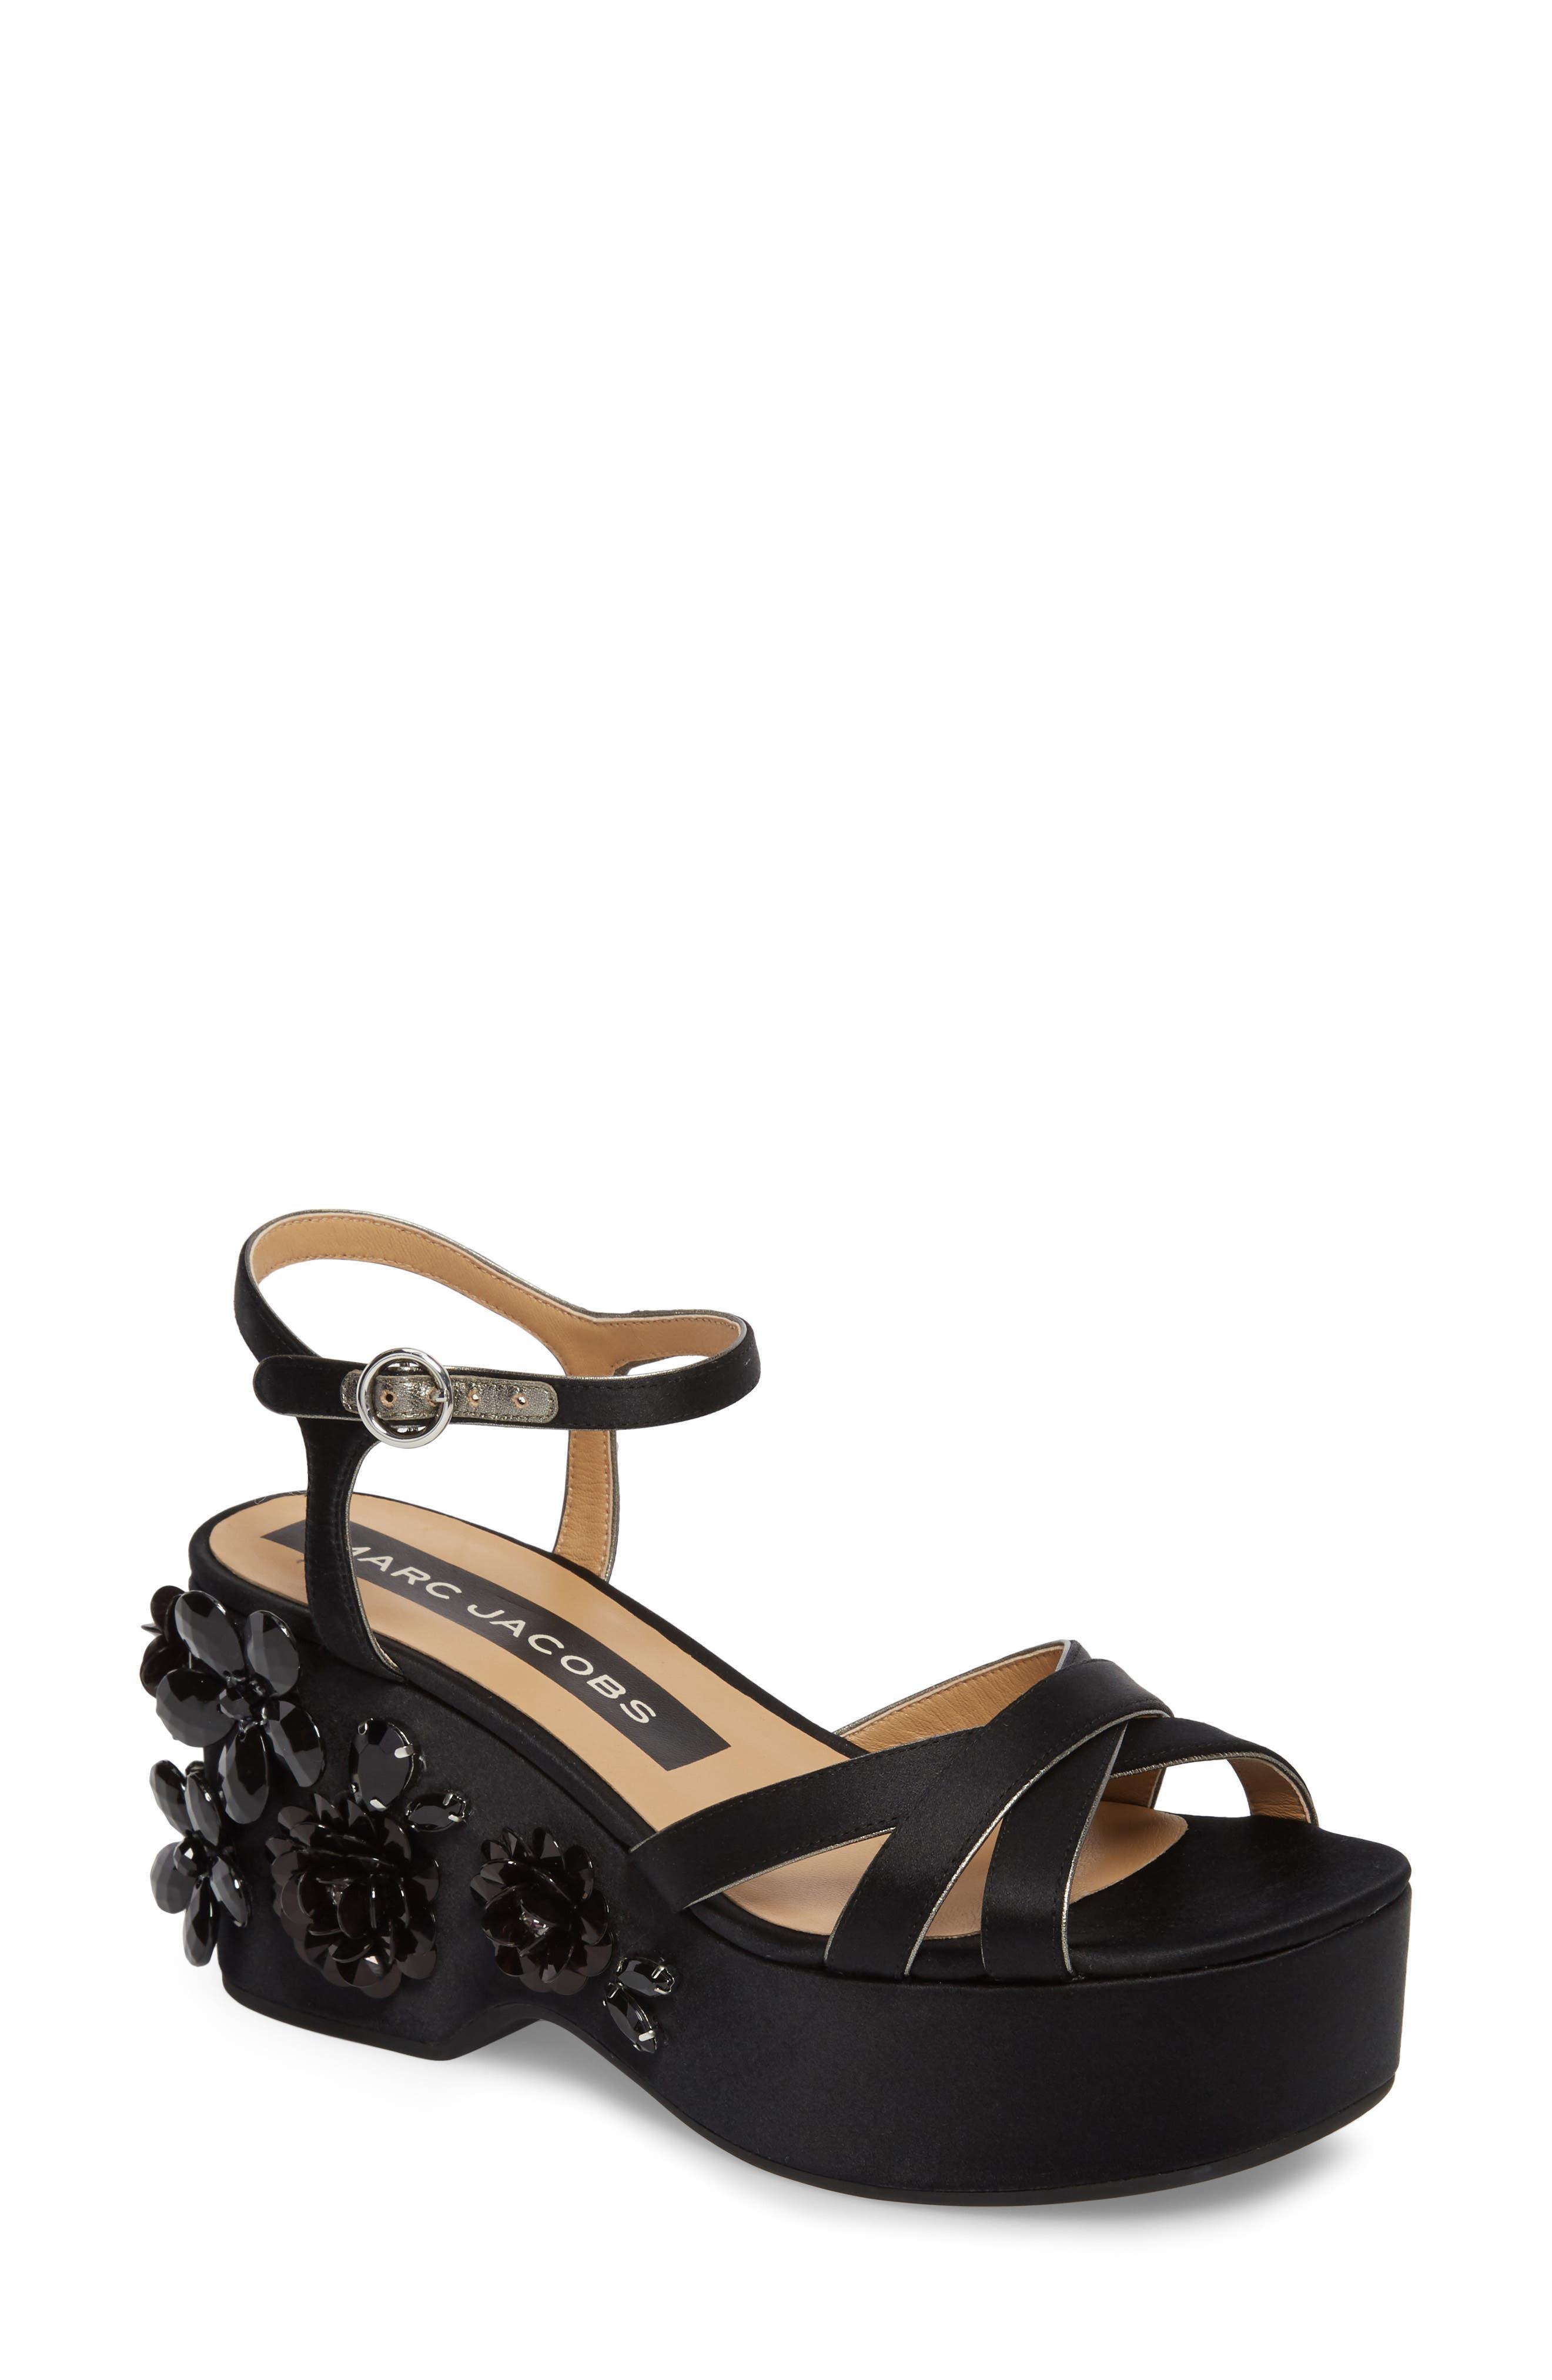 Callie Embellished Platform Sandal,                         Main,                         color, 001